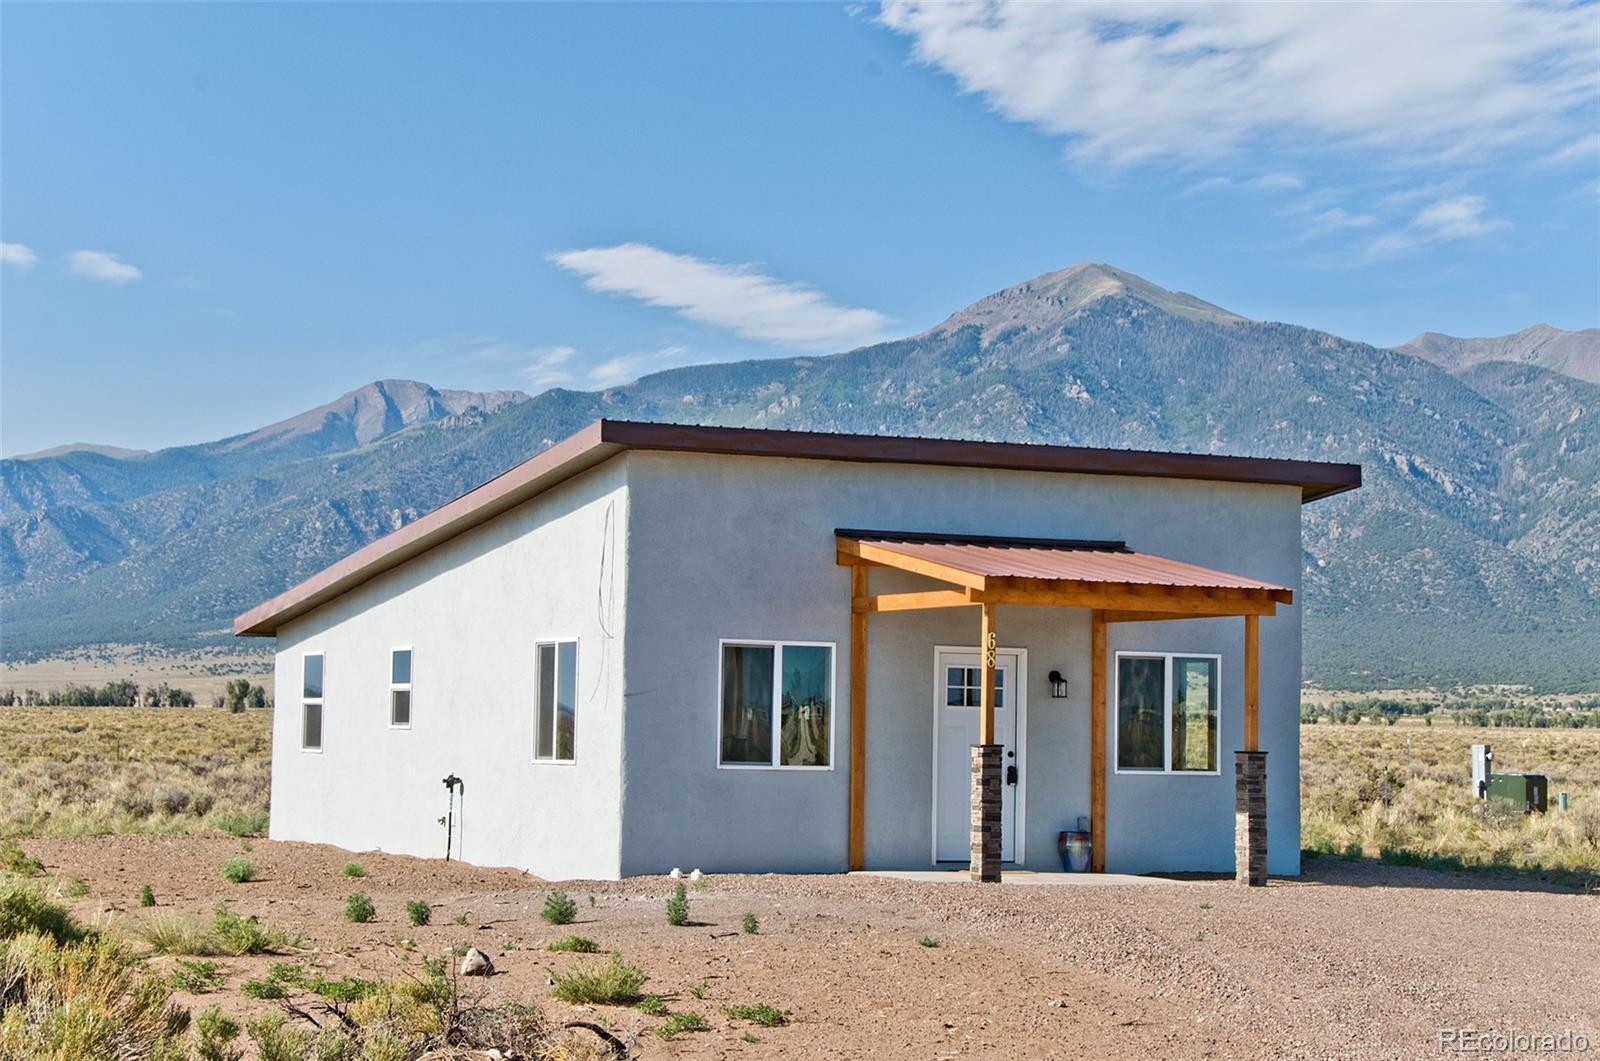 68 Camino De La Plata Property Photo - Crestone, CO real estate listing